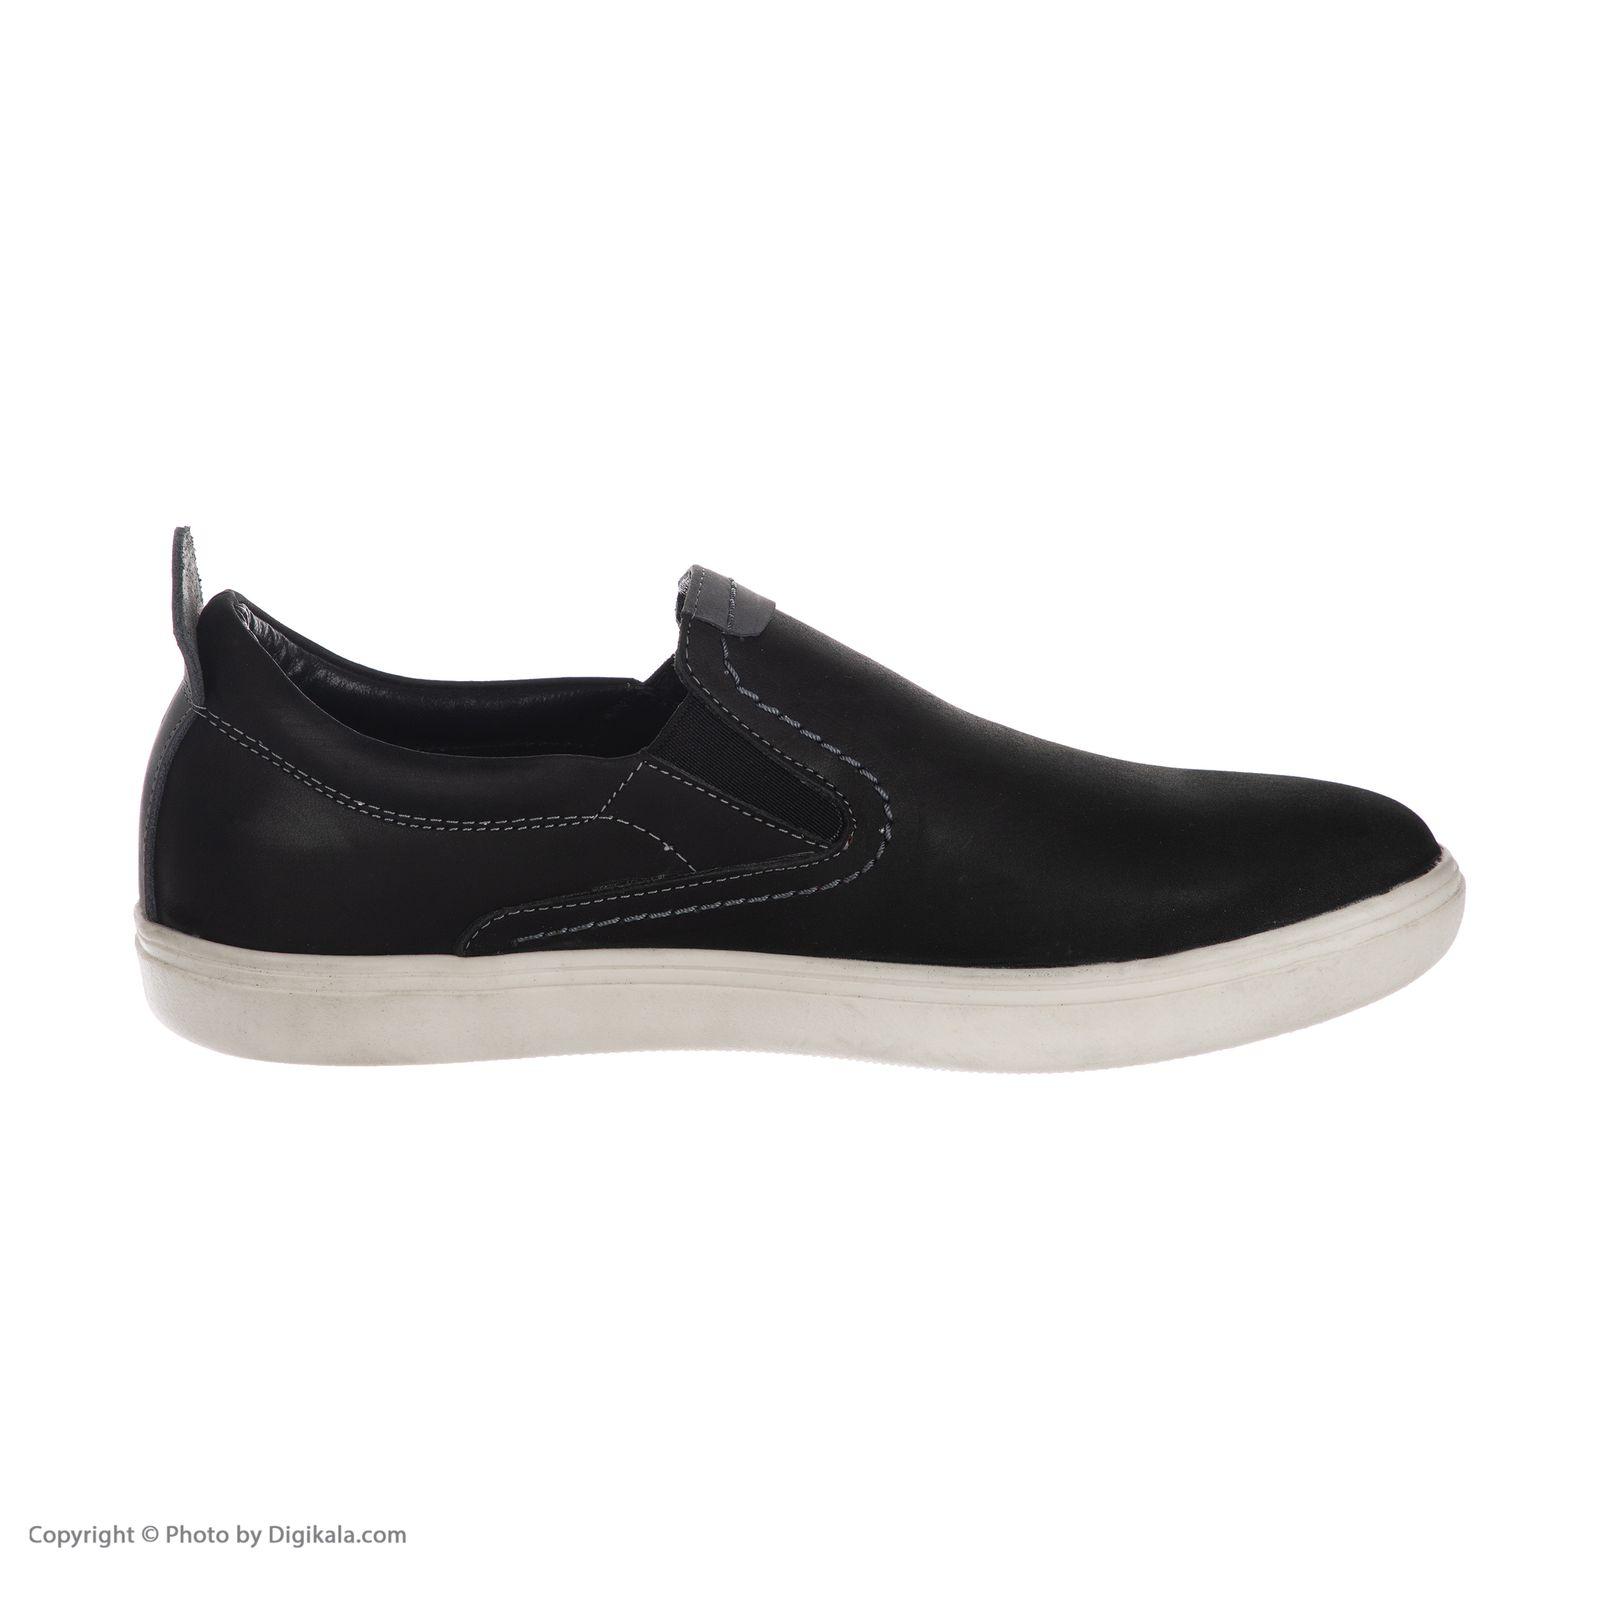 کفش روزمره مردانه دانادل مدل 8613A503129 -  - 4